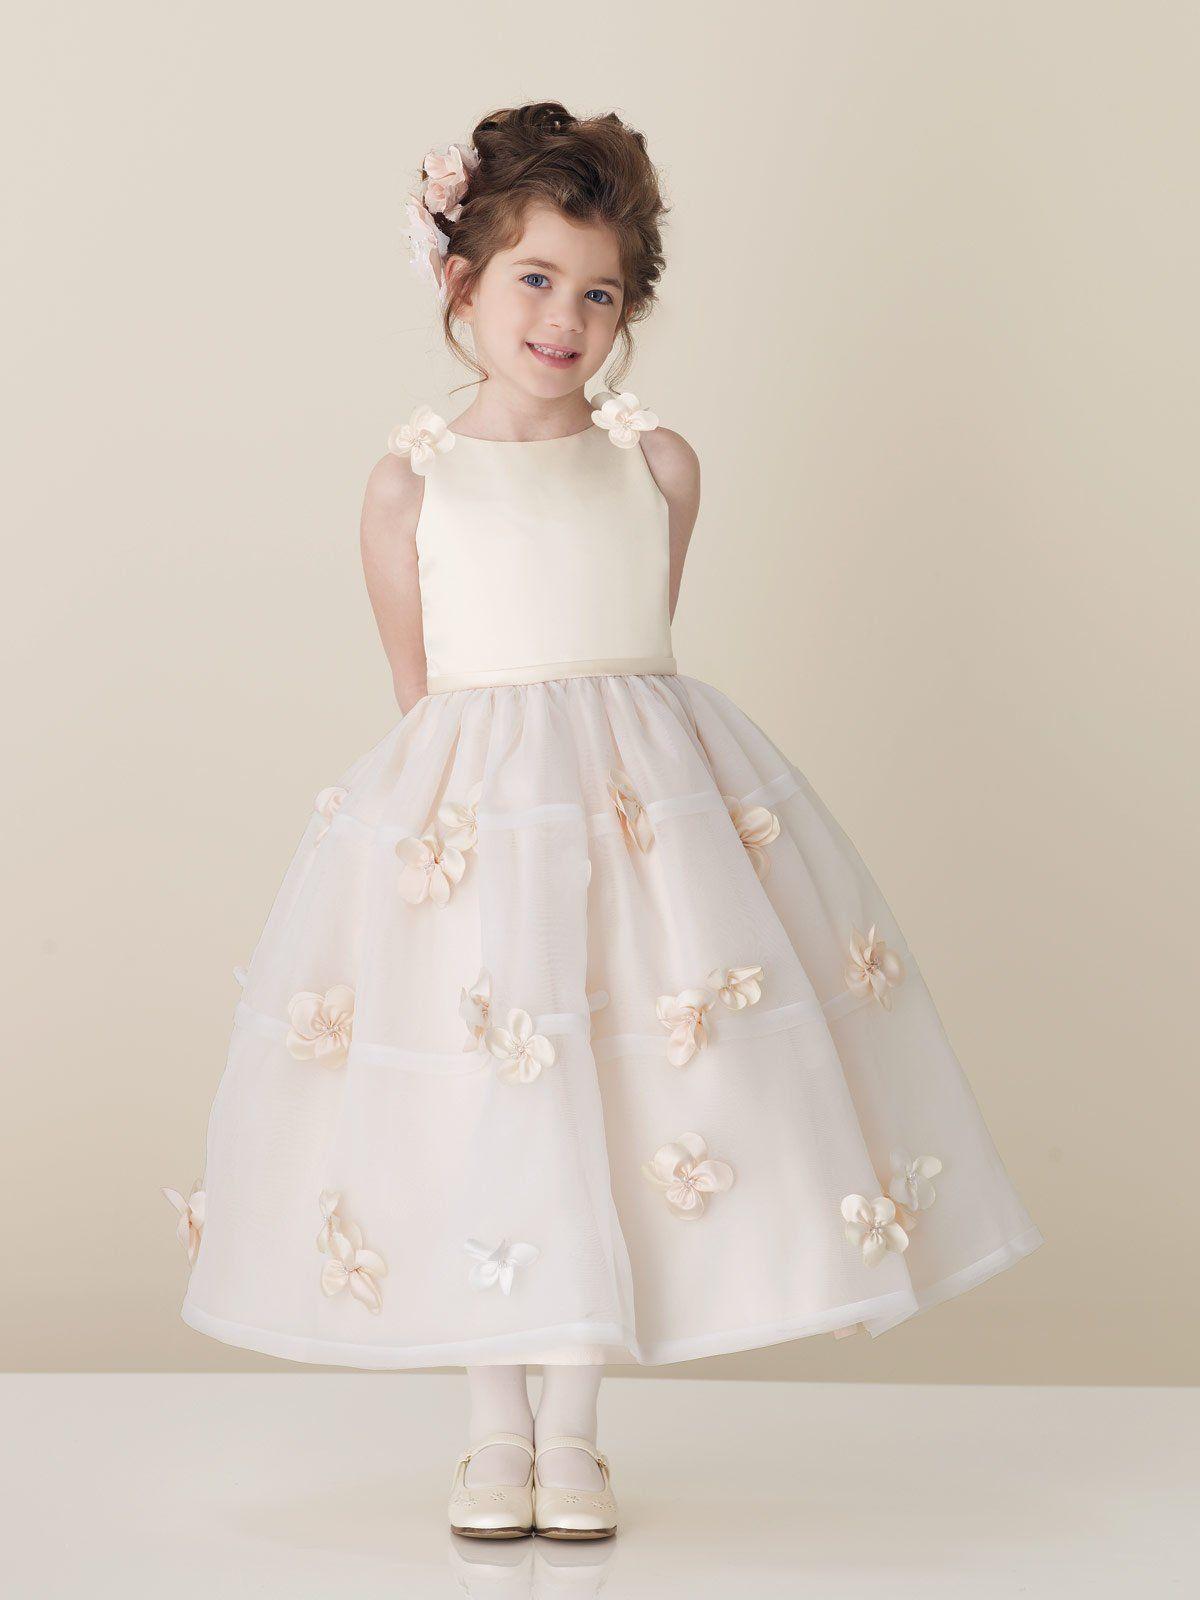 Image detail for -Flower Girl Dresses | Wedding ideas